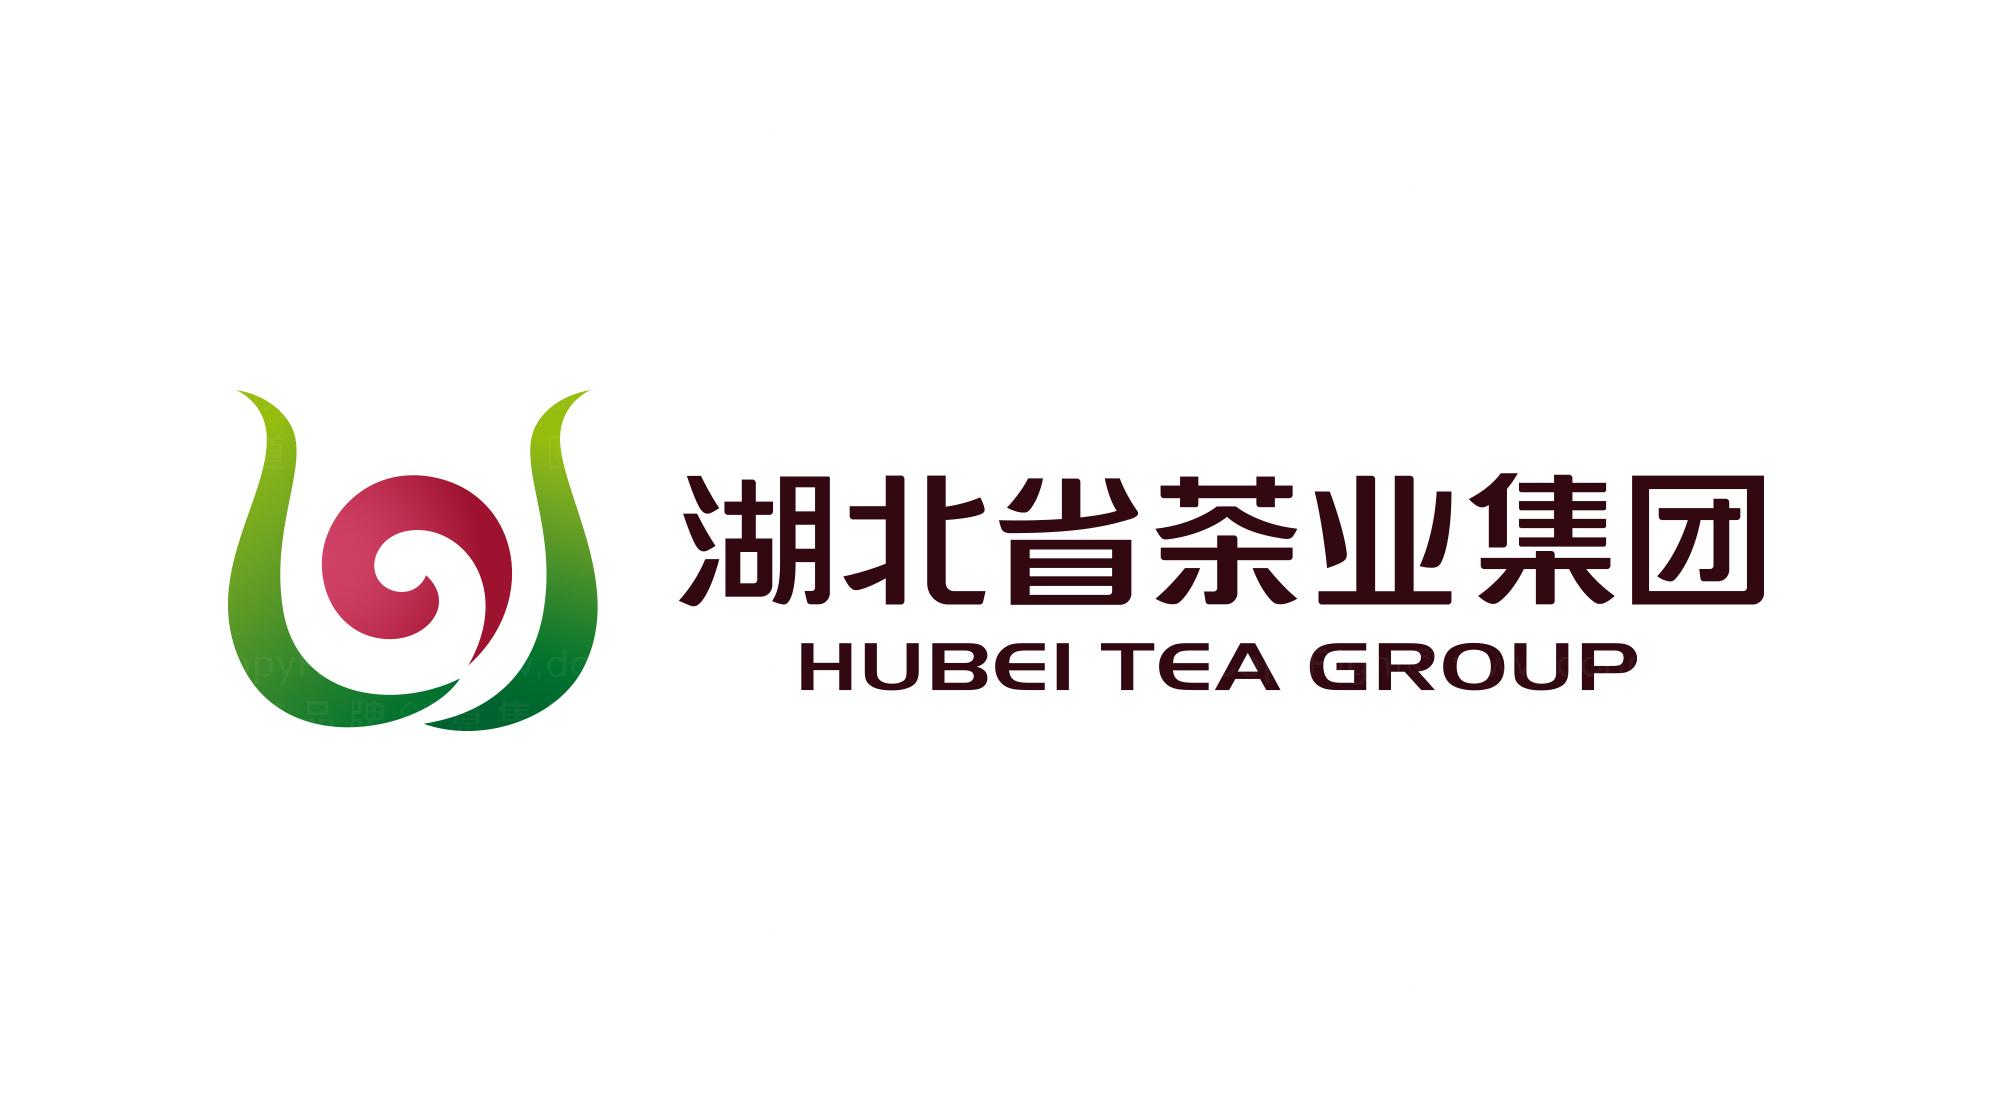 快速消费品牌设计湖北茶业logo设计、vi设计